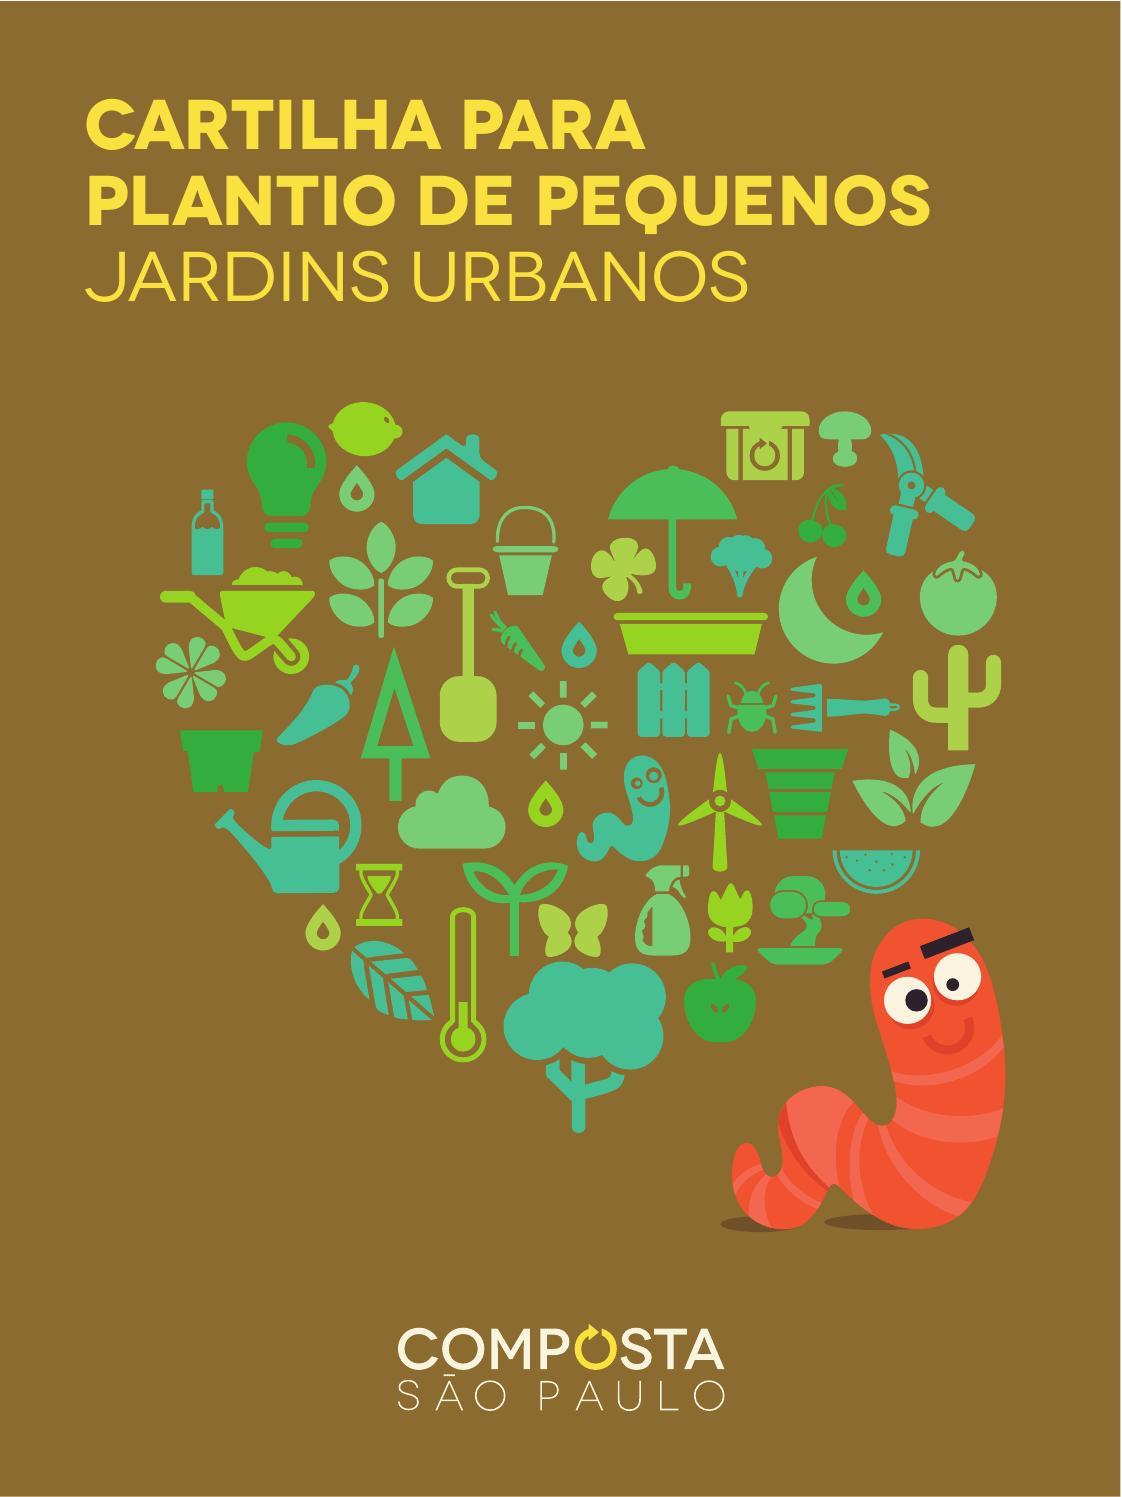 COMPOSTA SÃO PAULO - Cartilha para Plantio de Pequenos Jardins Urbanos